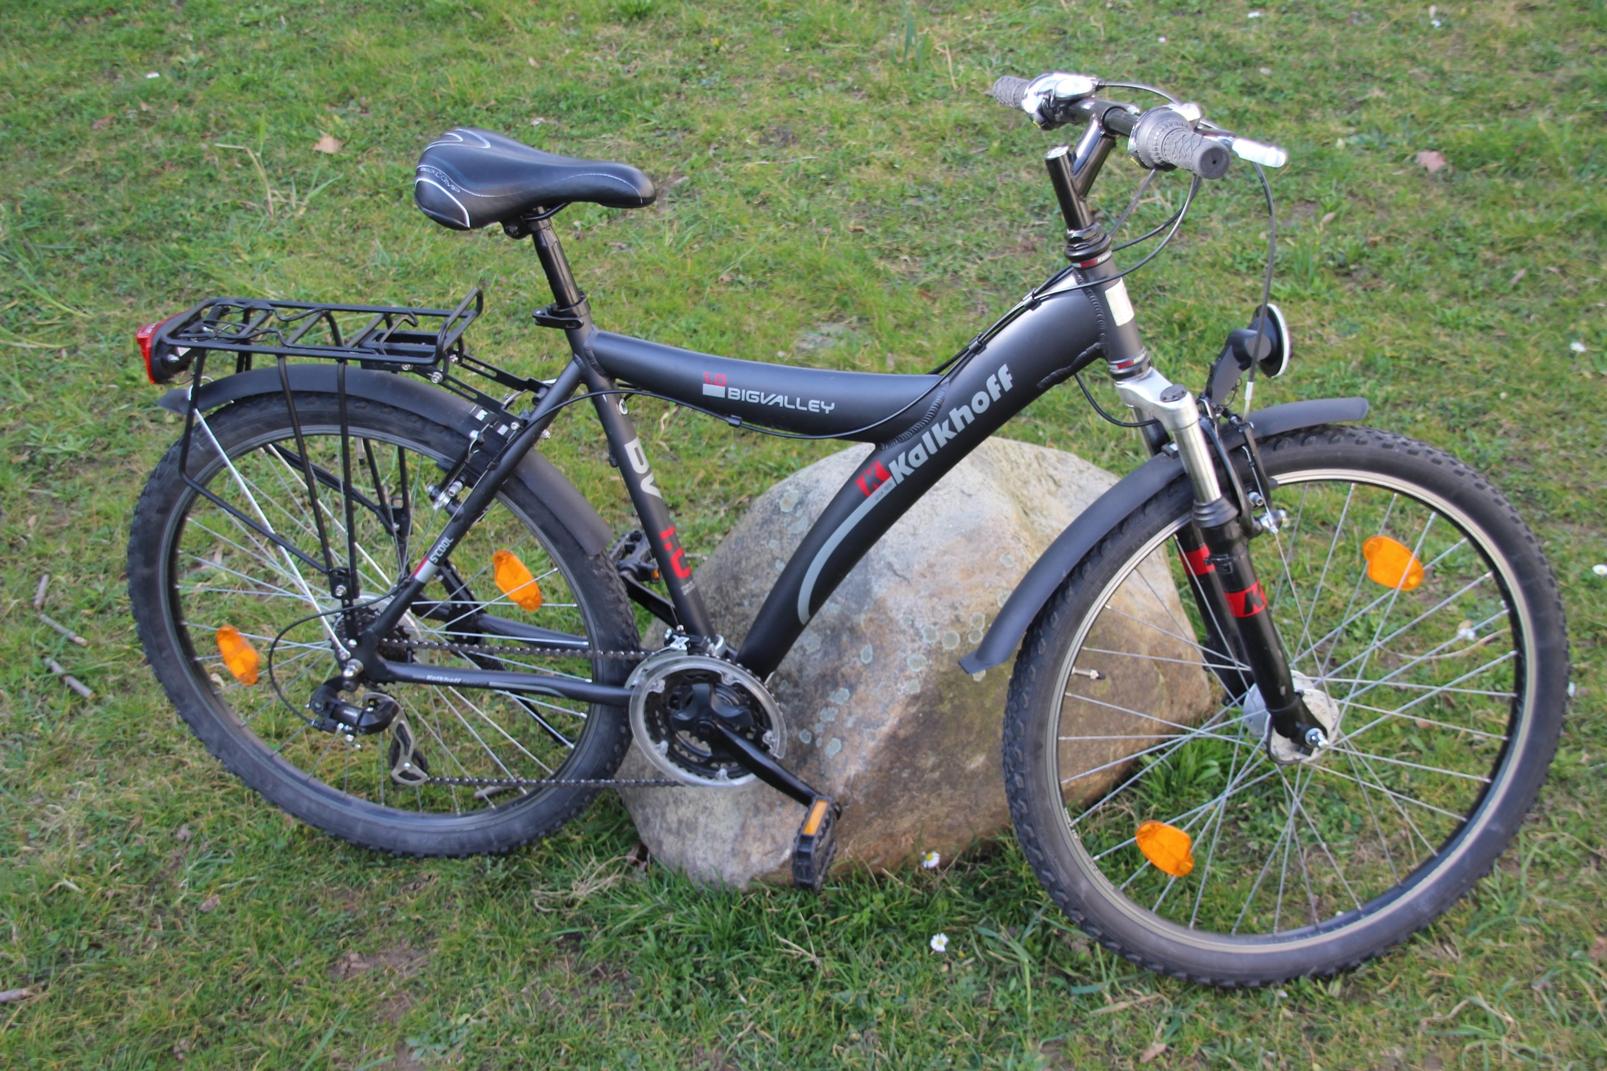 kalkhoff big valley 1 0 jugend fahrrad trekking bike 26. Black Bedroom Furniture Sets. Home Design Ideas